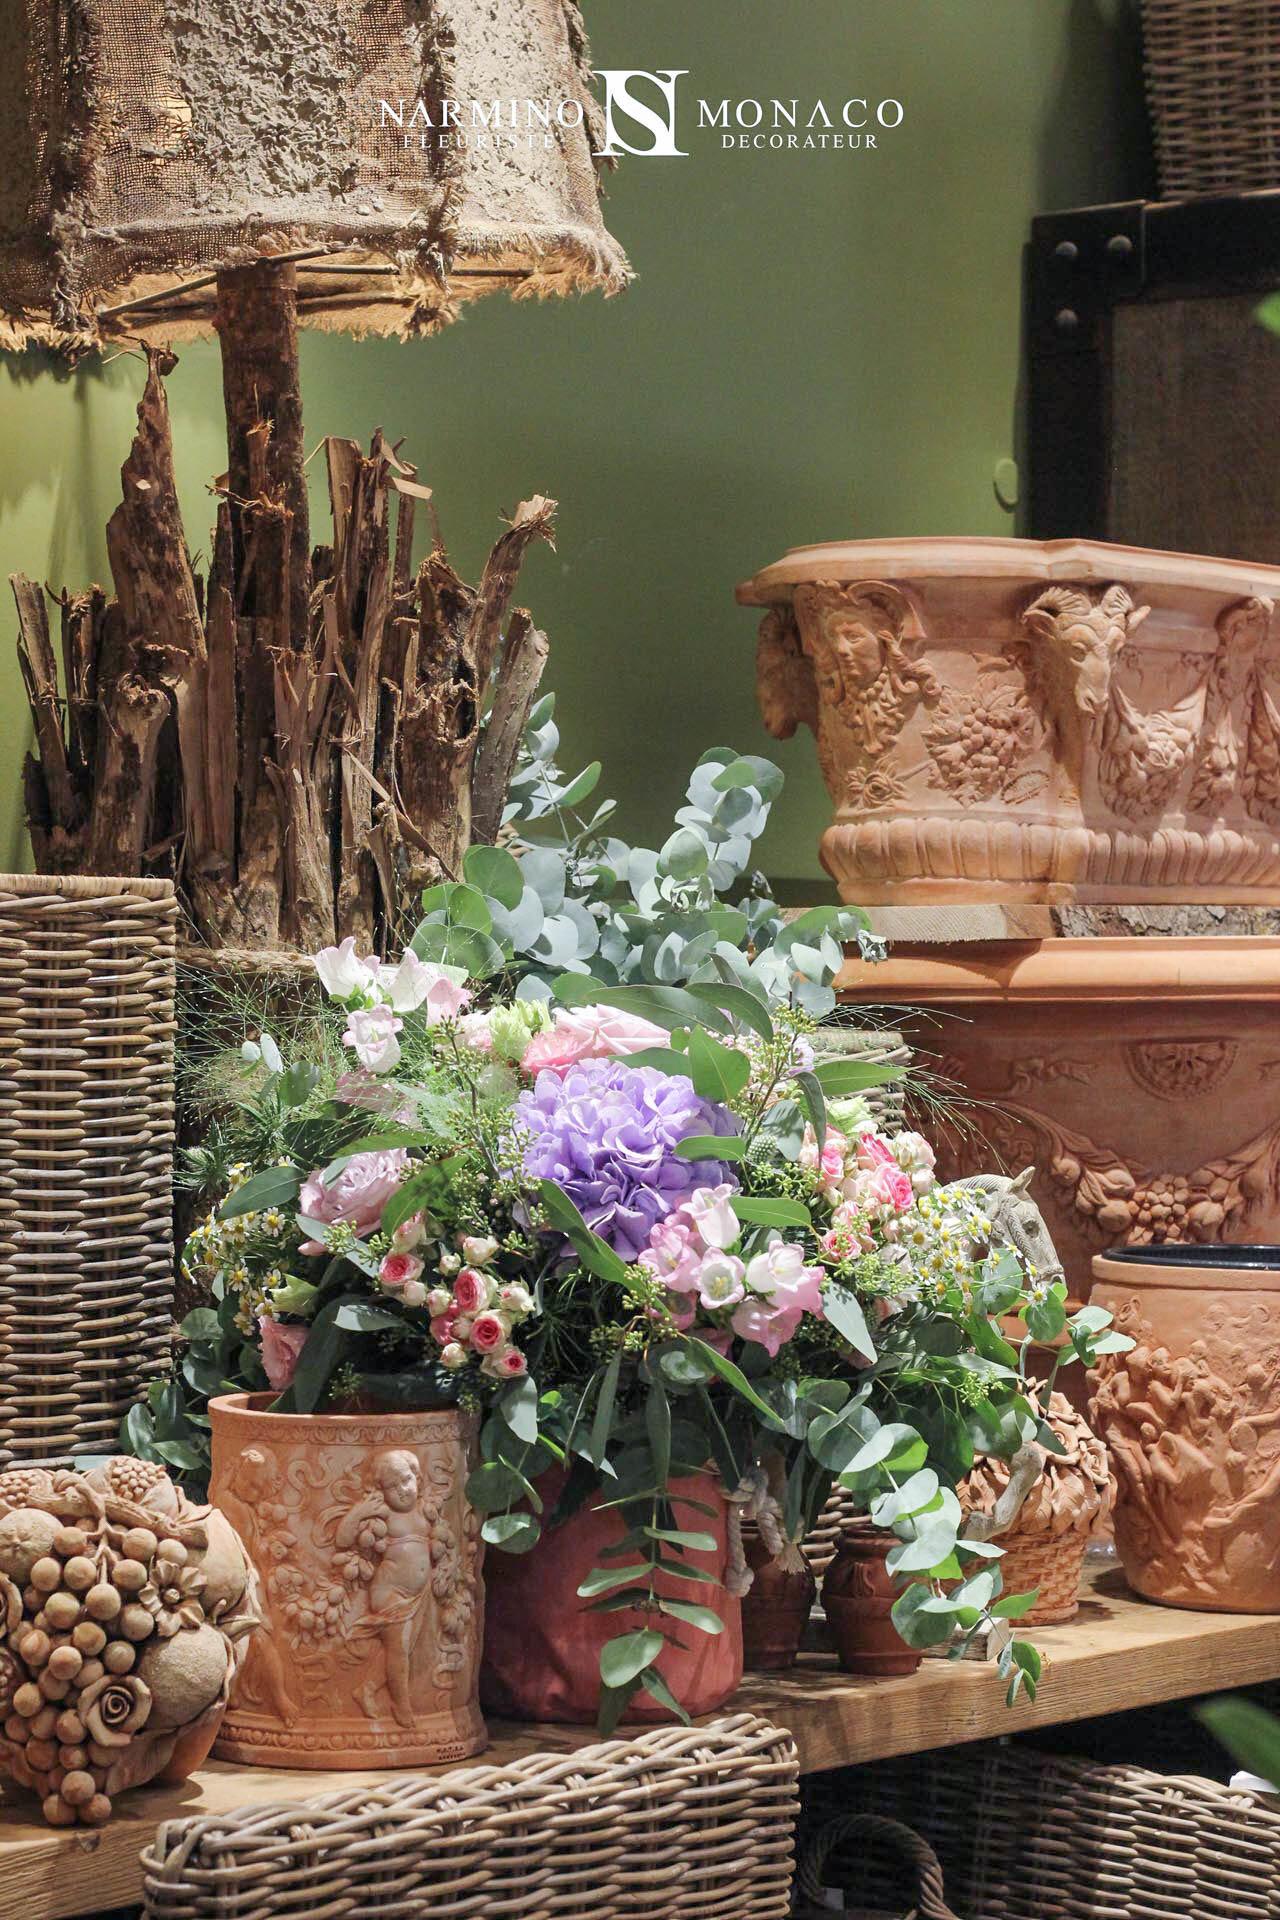 Bouquets de fleurs et objets de décoration en terre cuite